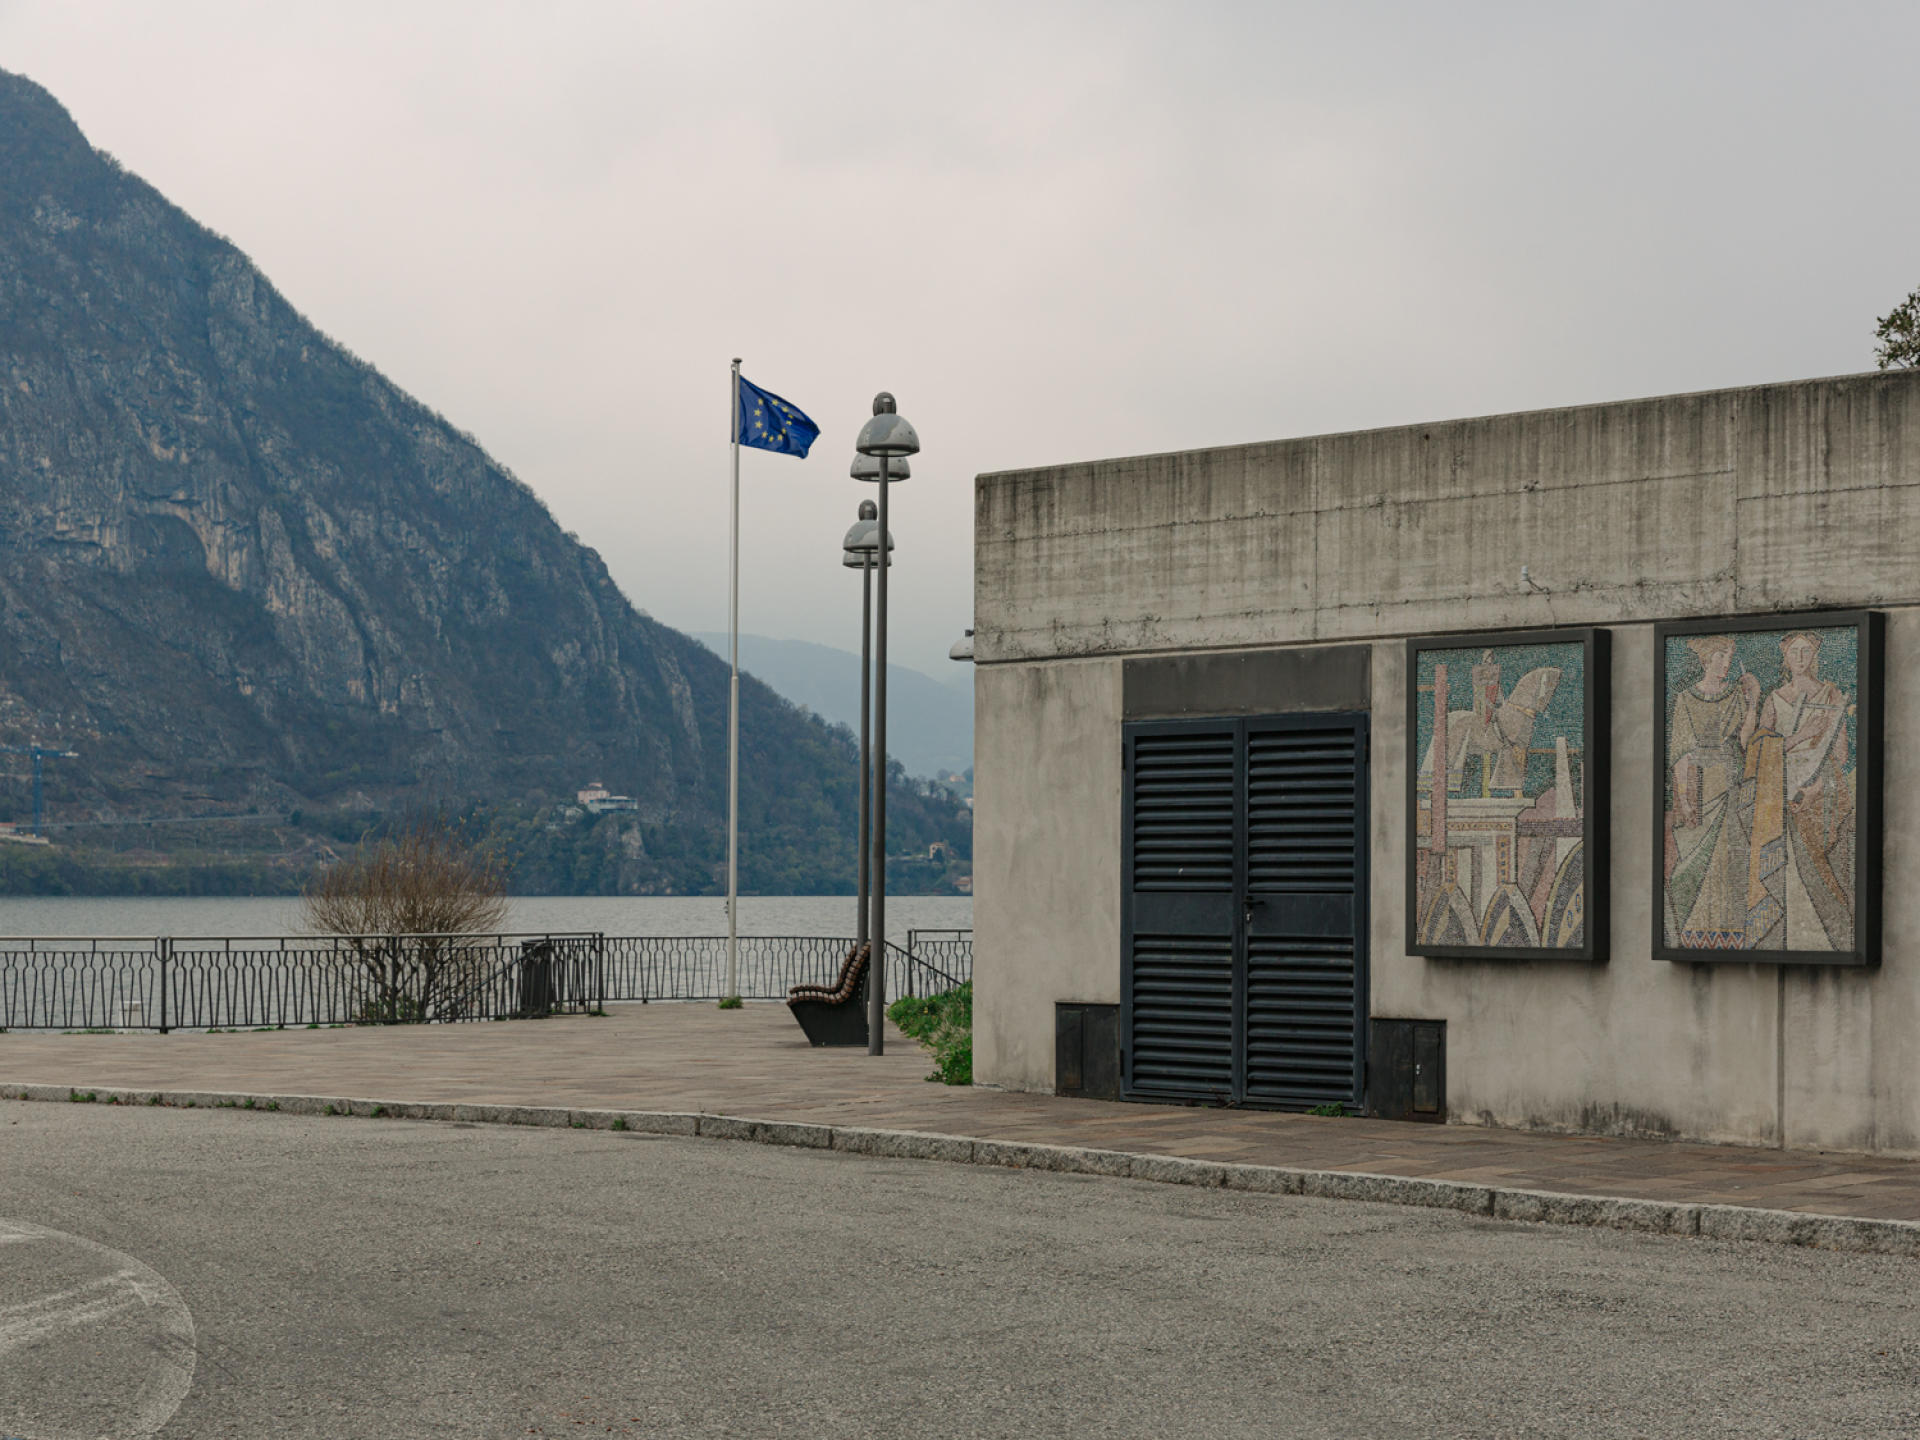 Depuis le 1er janvier 2020, le drapeau européen flotte à Campione d'Italia, aux abords du lac de Lugano.